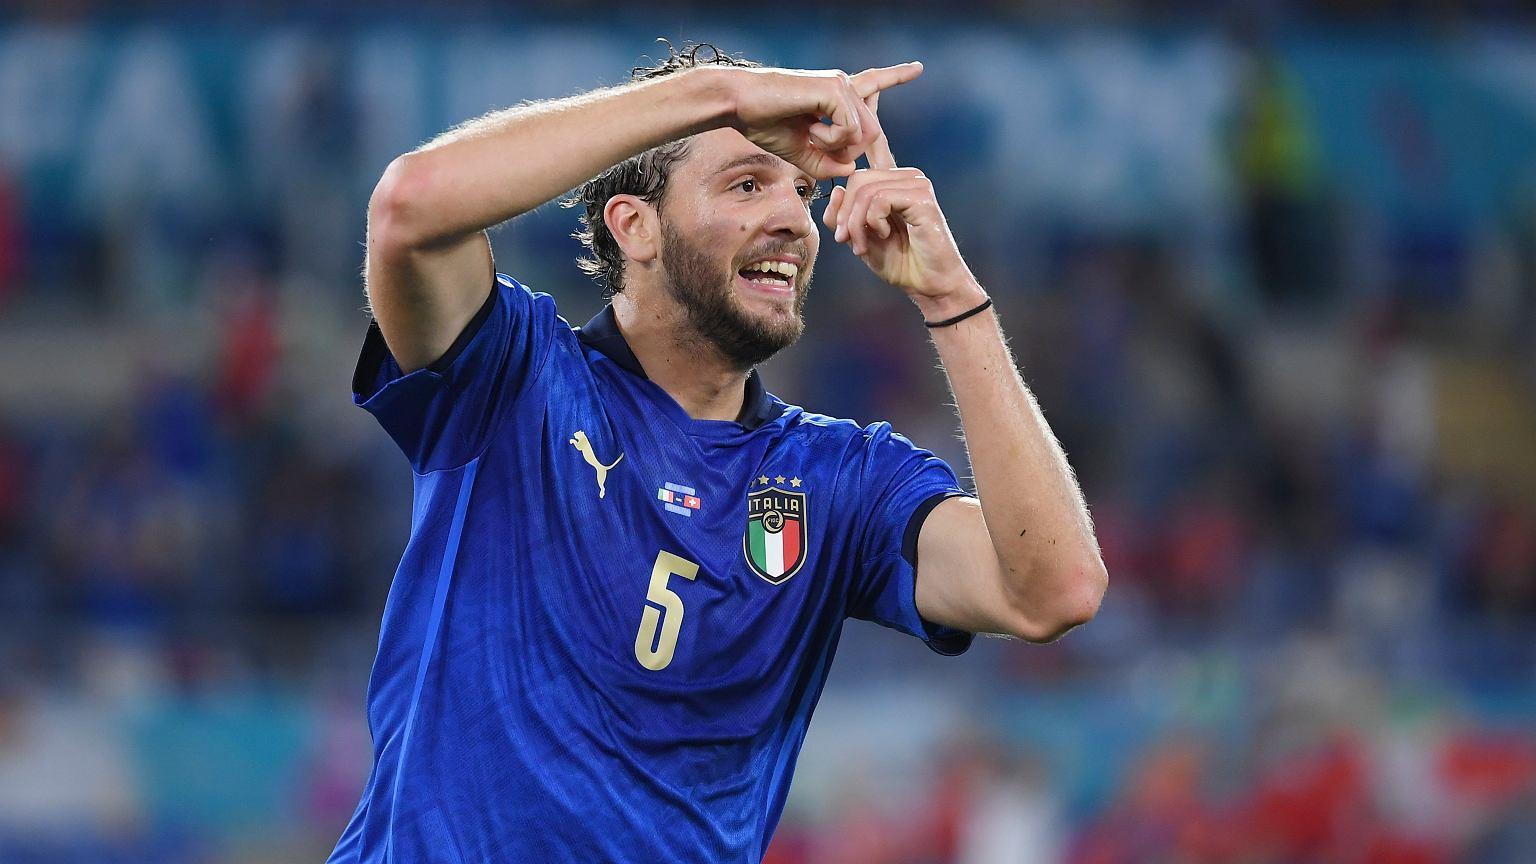 Koncert Włochów na Euro! Rozbili Szwajcarię i mogą świętować awans [WIDEO]